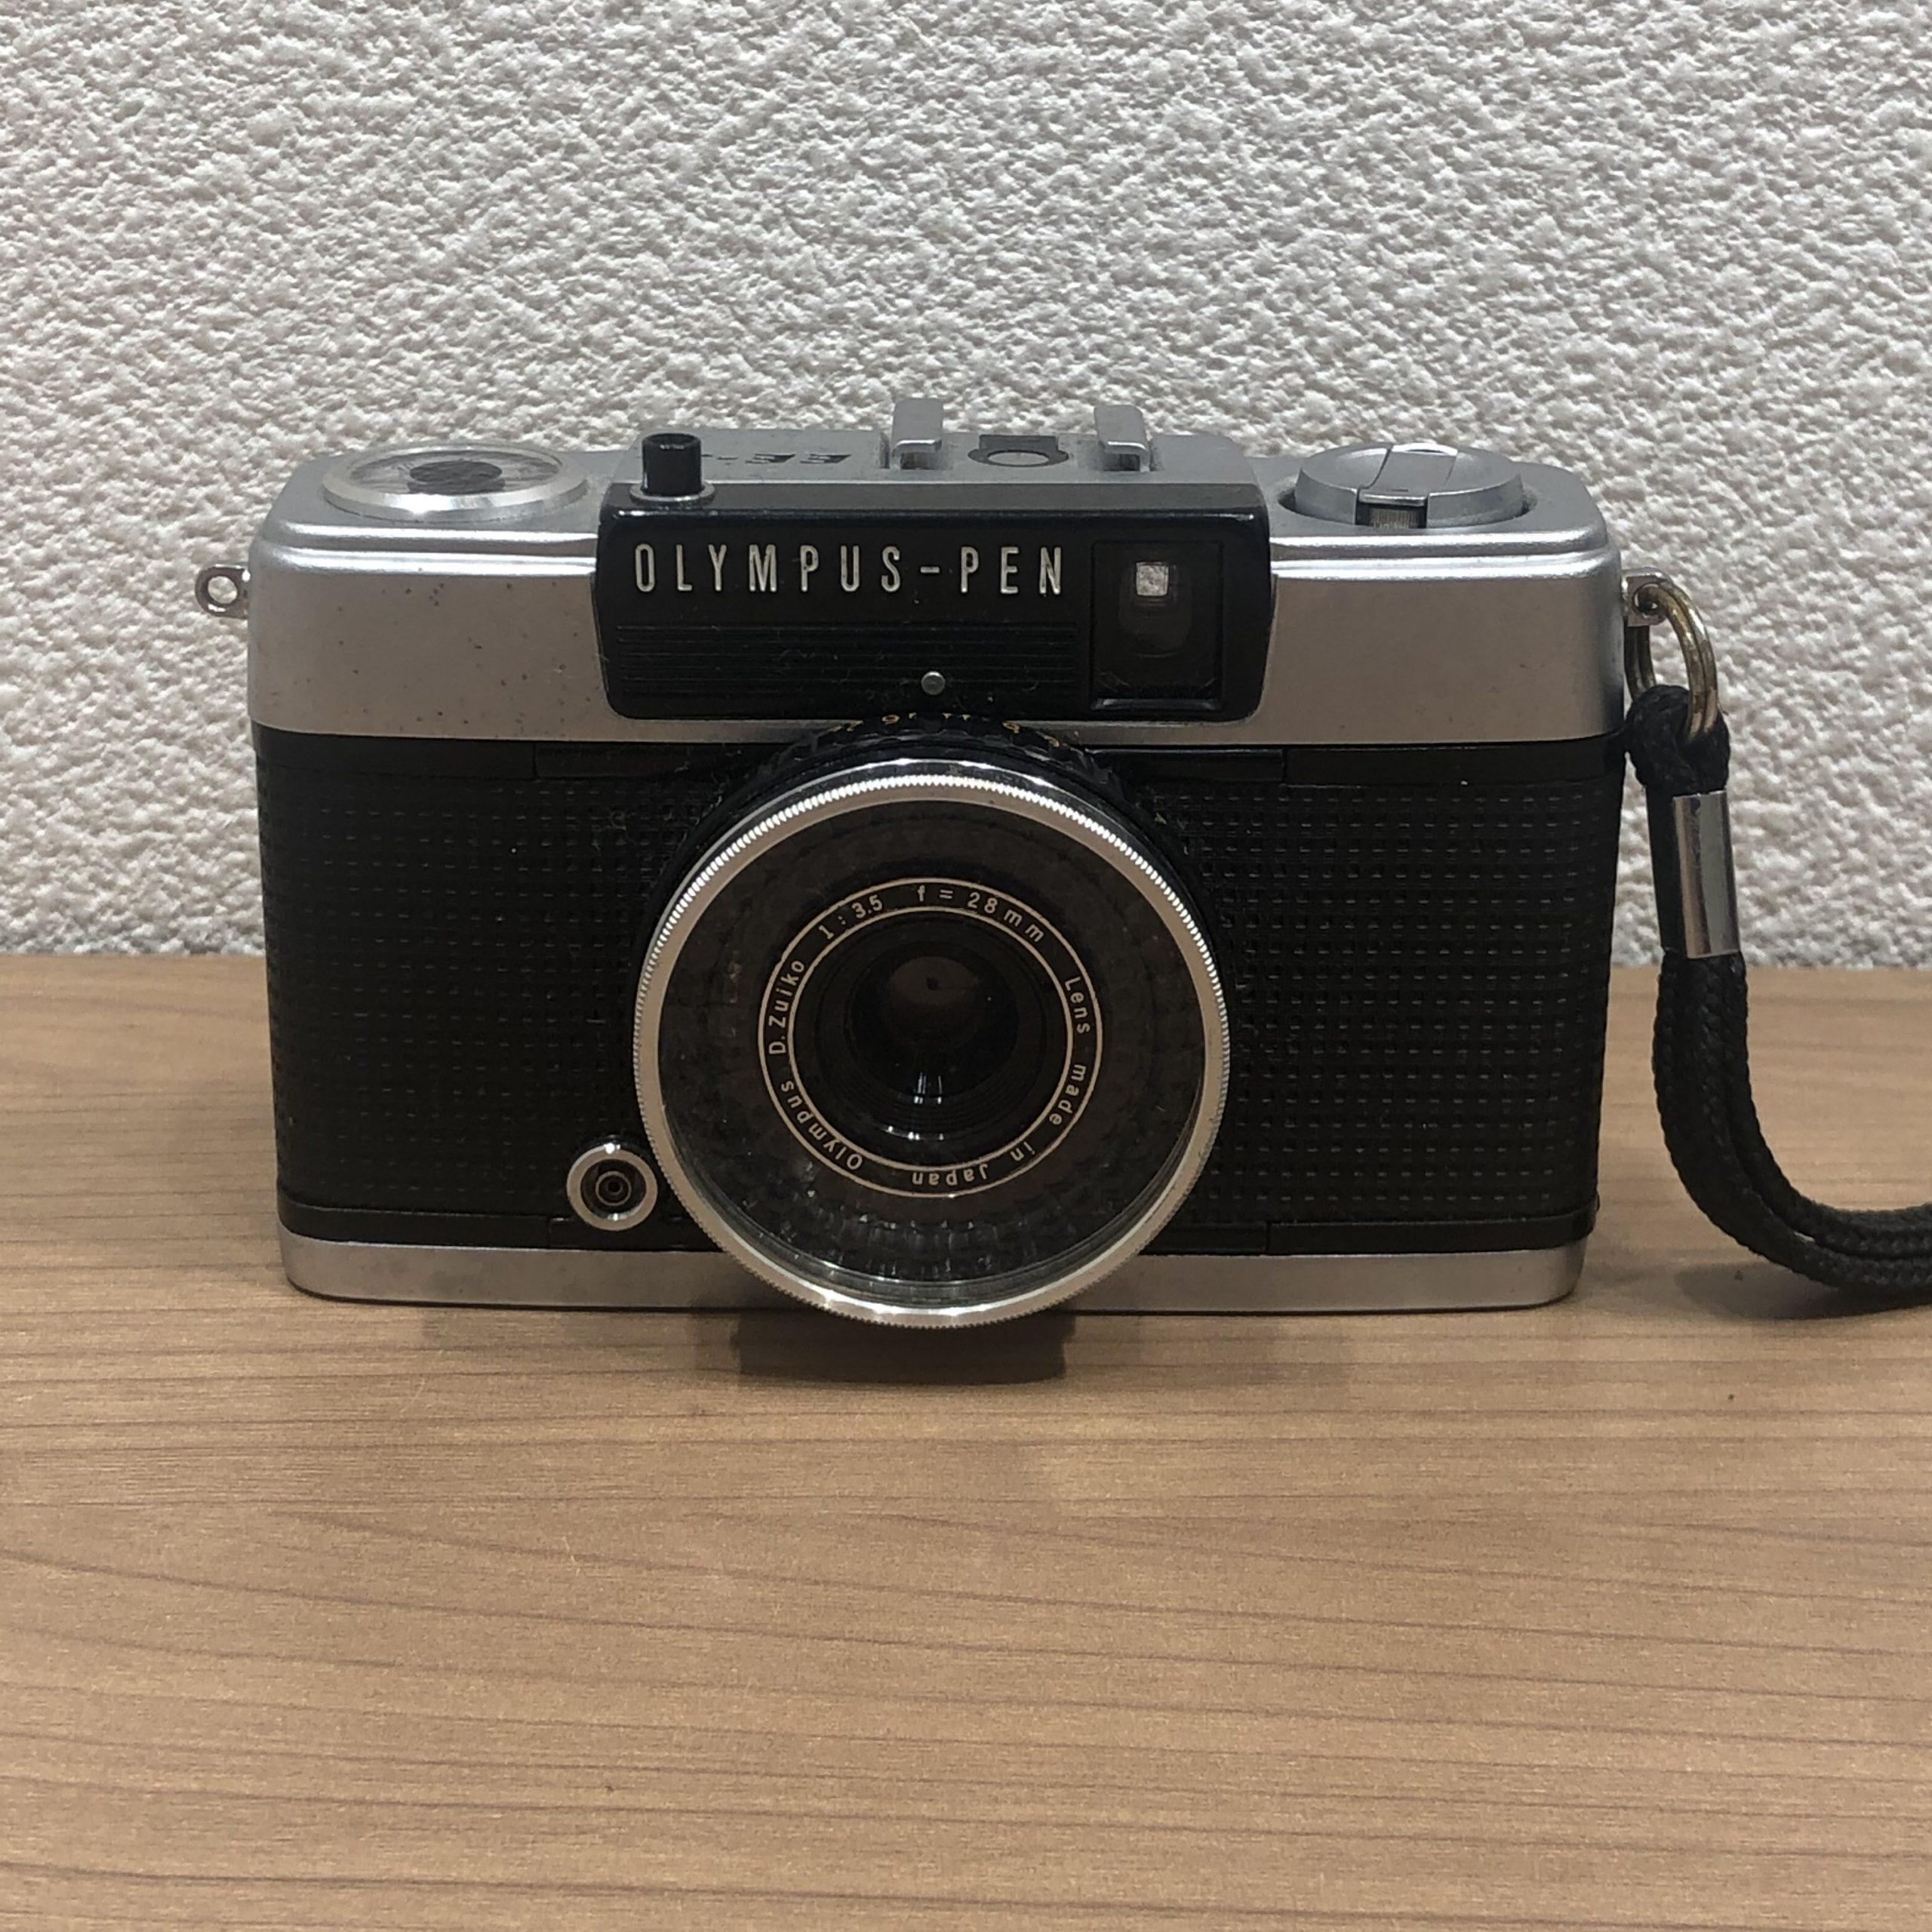 【OLYMPUS/オリンパス】PEN/ペン フィルムカメラ